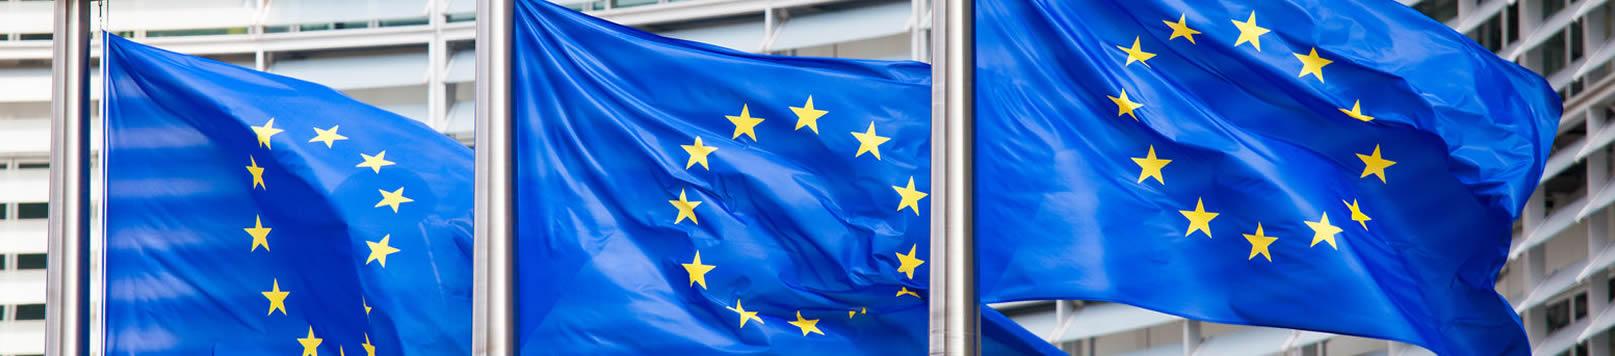 Ricerche nella Comunità Europeaa per Brevetti Modelli e Marchi Firenze